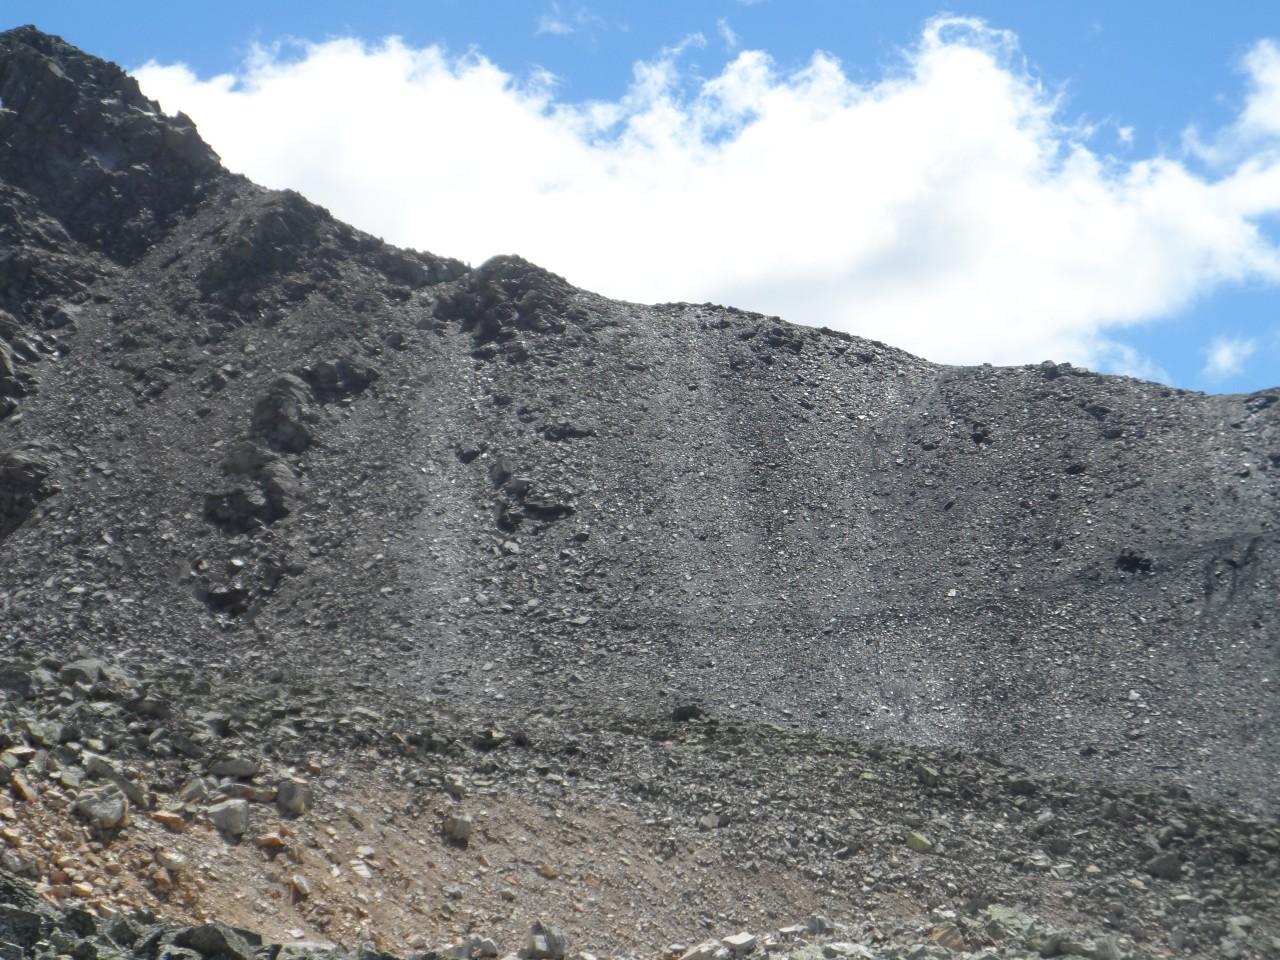 Sans nom 9/02/19 - vue sur le sentier pour arriver au sommet du Mont Thabor